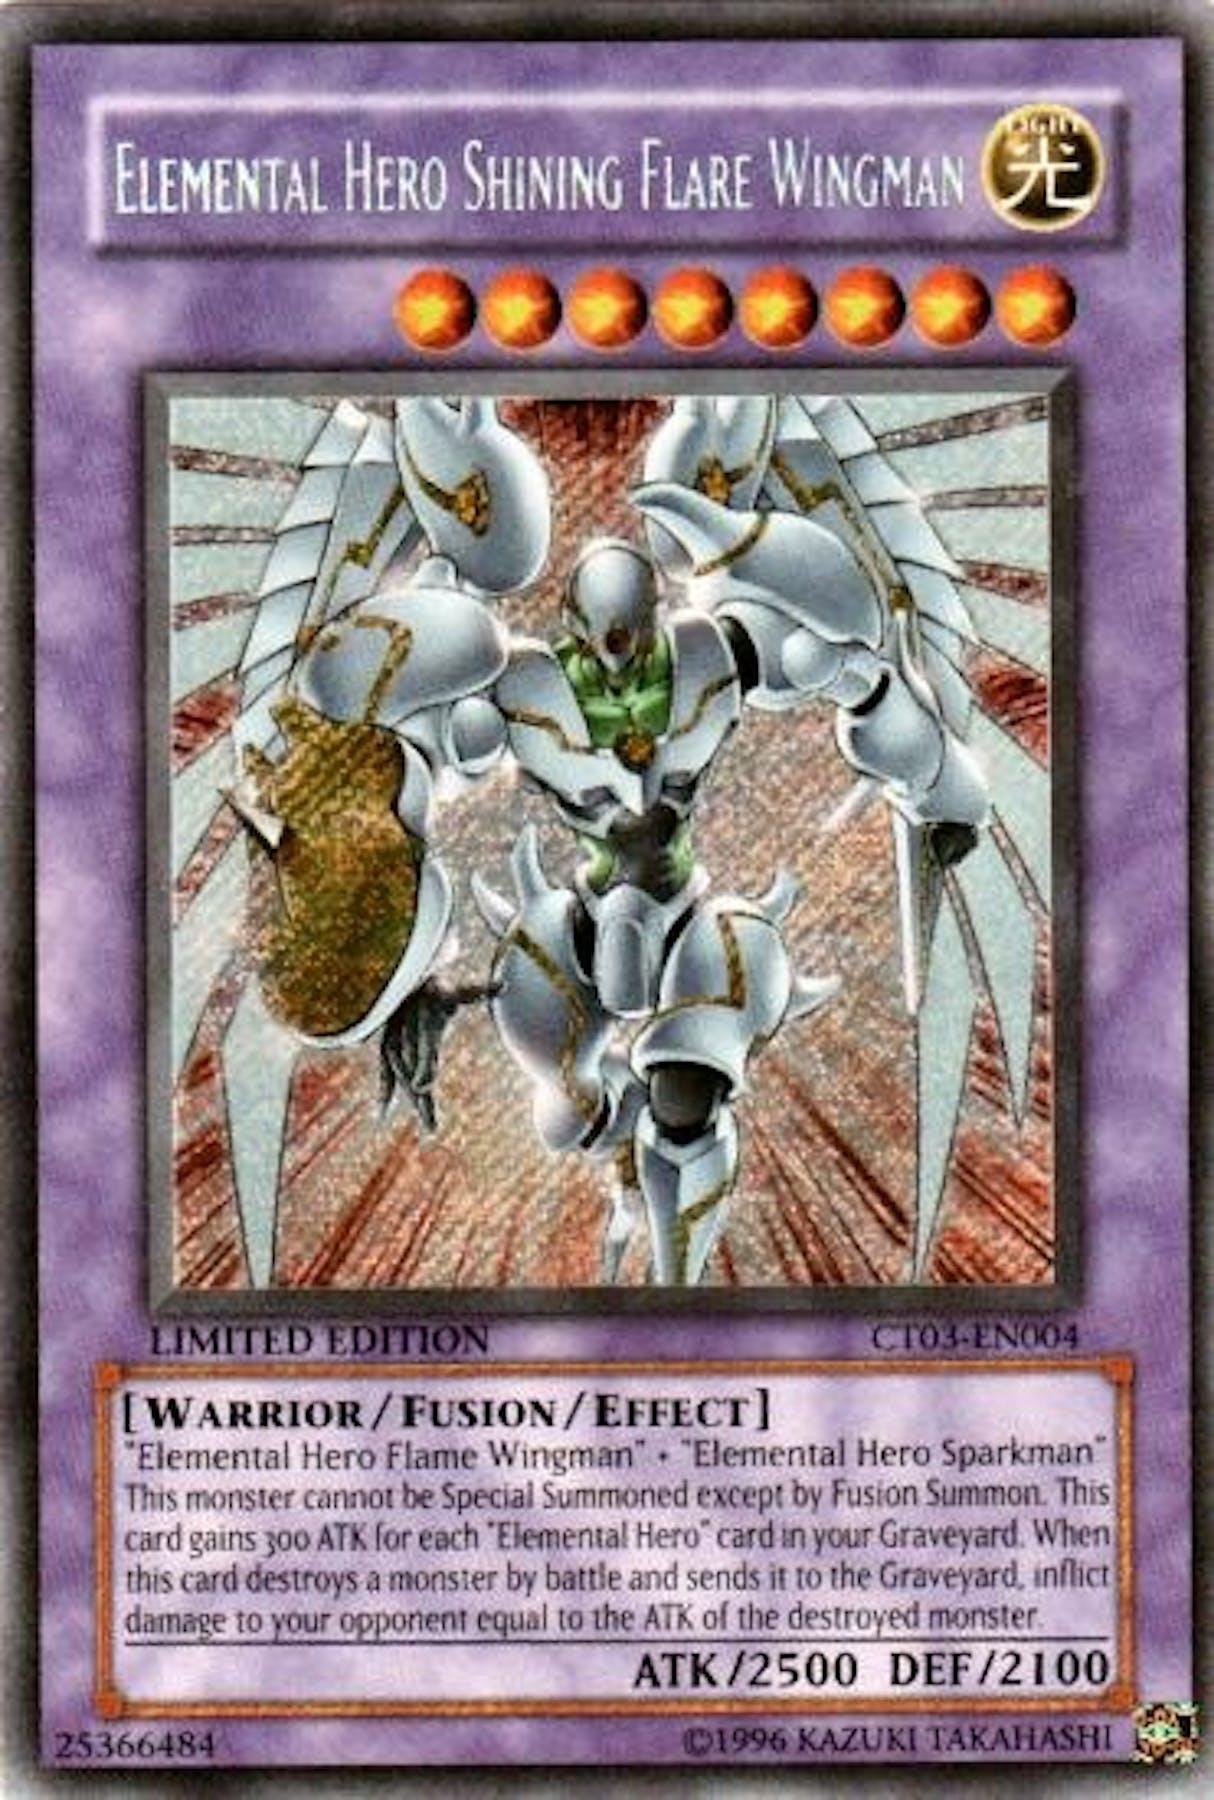 Yu-Gi-Oh Limited Edition Tin Single Elemental Hero Shining ...Elemental Hero Shining Flare Wingman Deck